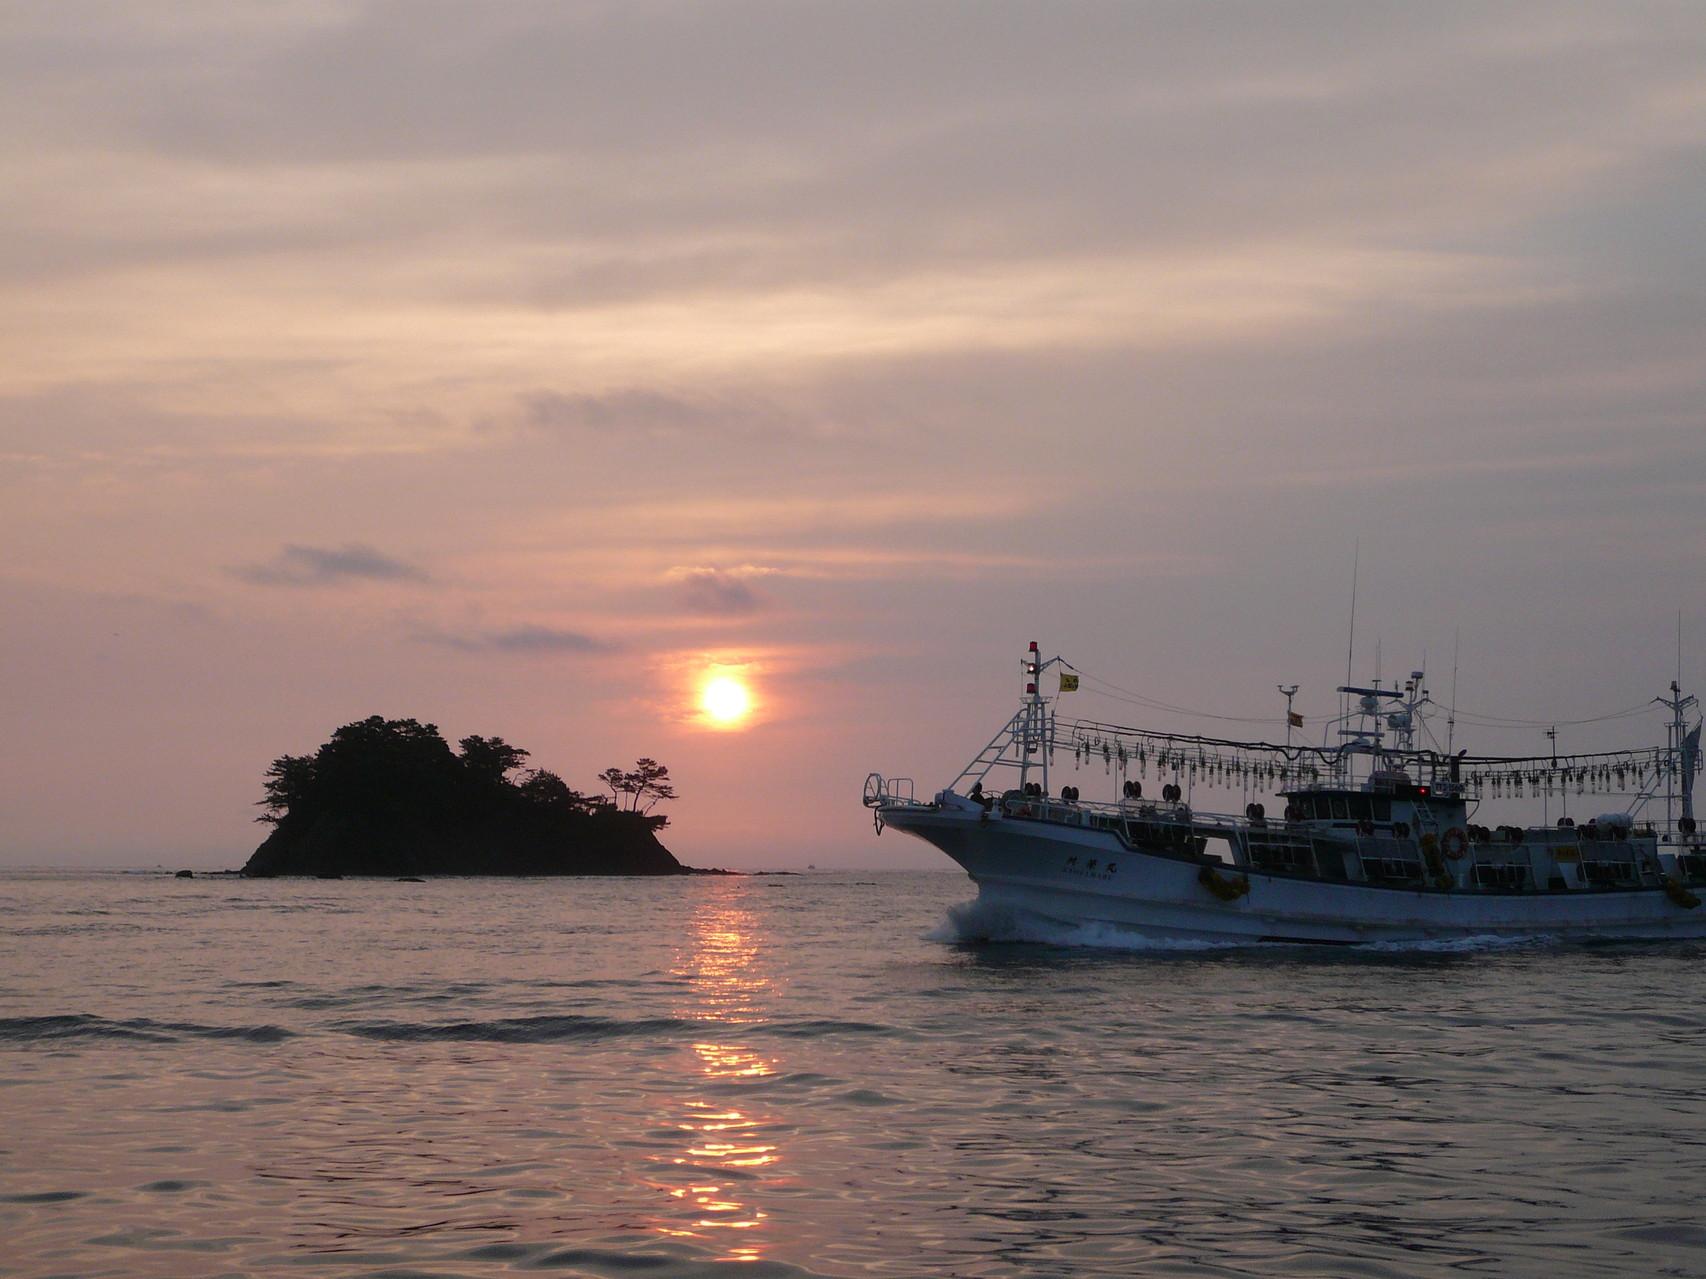 6月23日 久しぶりに出漁 日の出と共にイカ釣り船の帰港